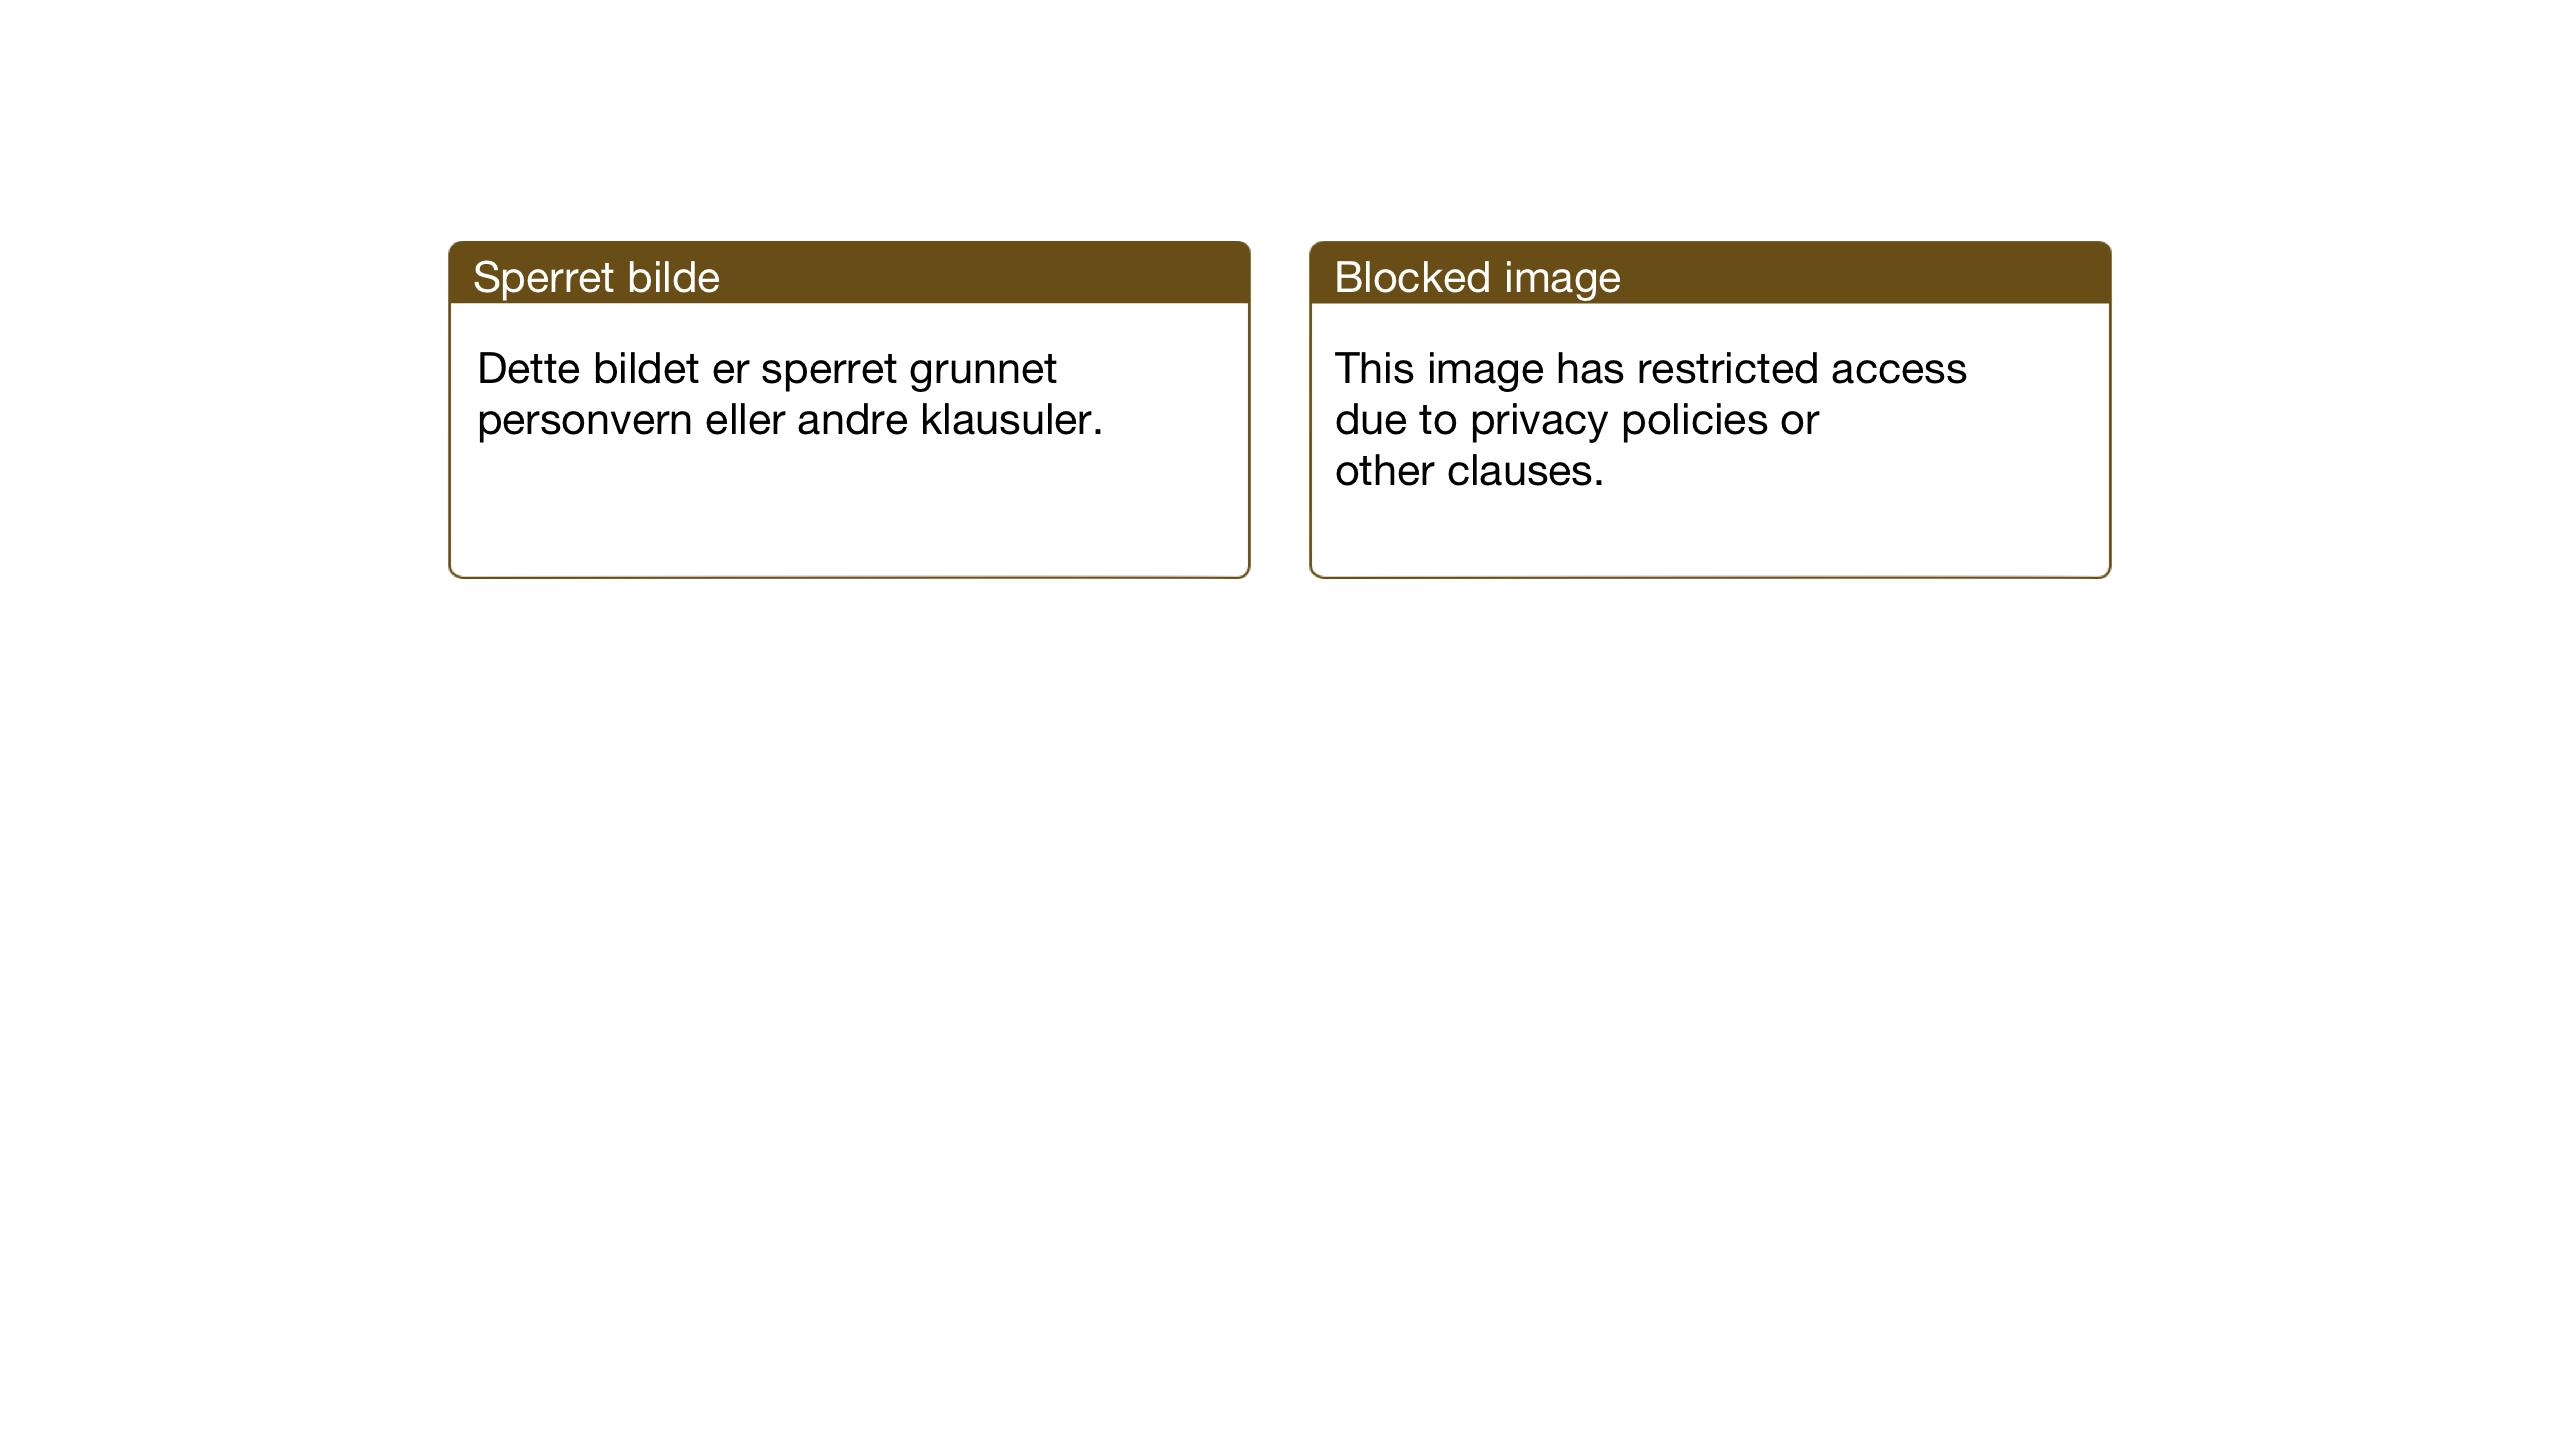 SAT, Ministerialprotokoller, klokkerbøker og fødselsregistre - Nord-Trøndelag, 733/L0328: Klokkerbok nr. 733C03, 1919-1966, s. 46